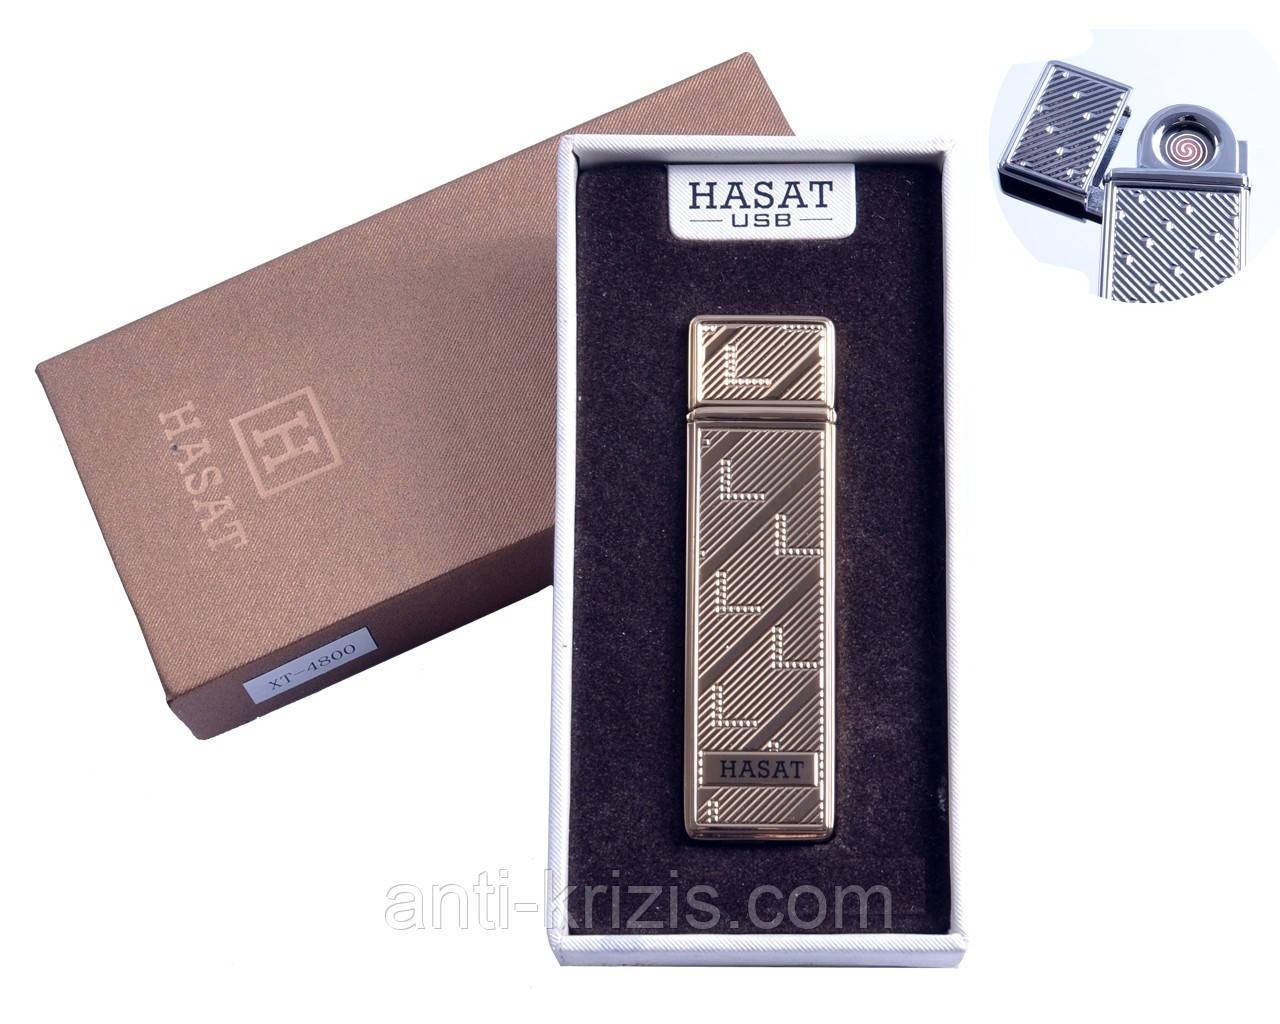 USB зажигалка в подарочной упаковке Hasat (Двухсторонняя спираль накаливания) №4800-5